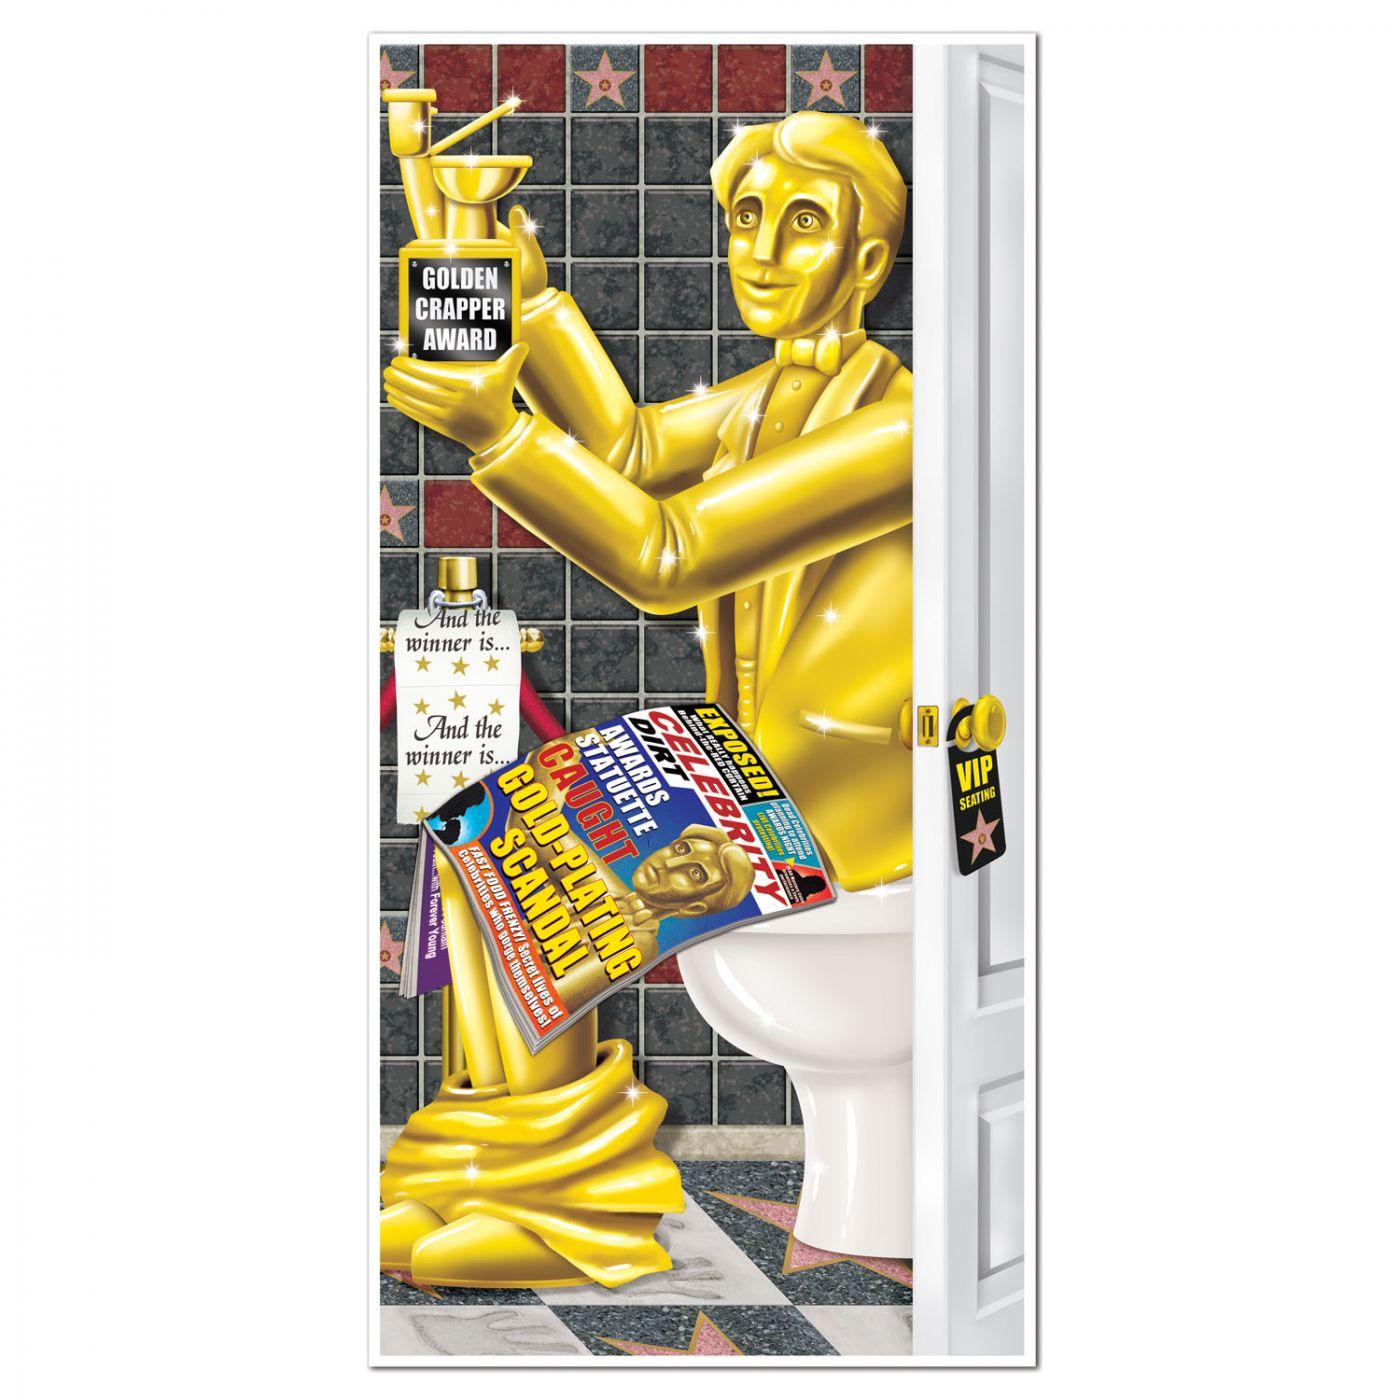 Image of Awards Night Restroom Door Cover